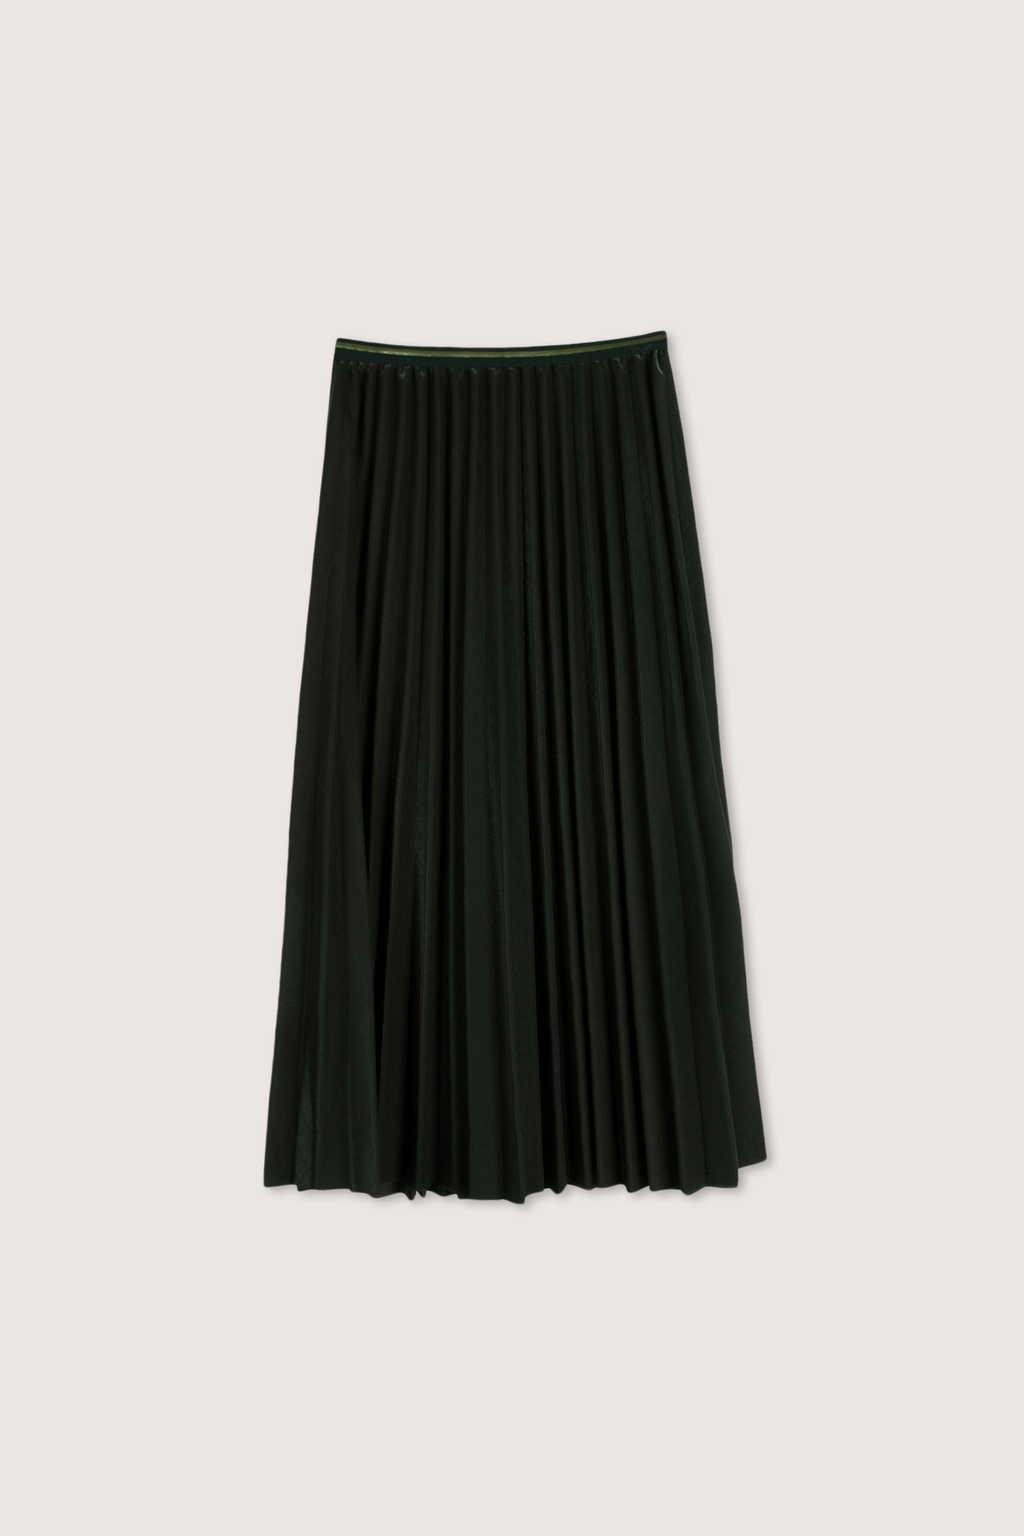 Skirt H180 Green 7